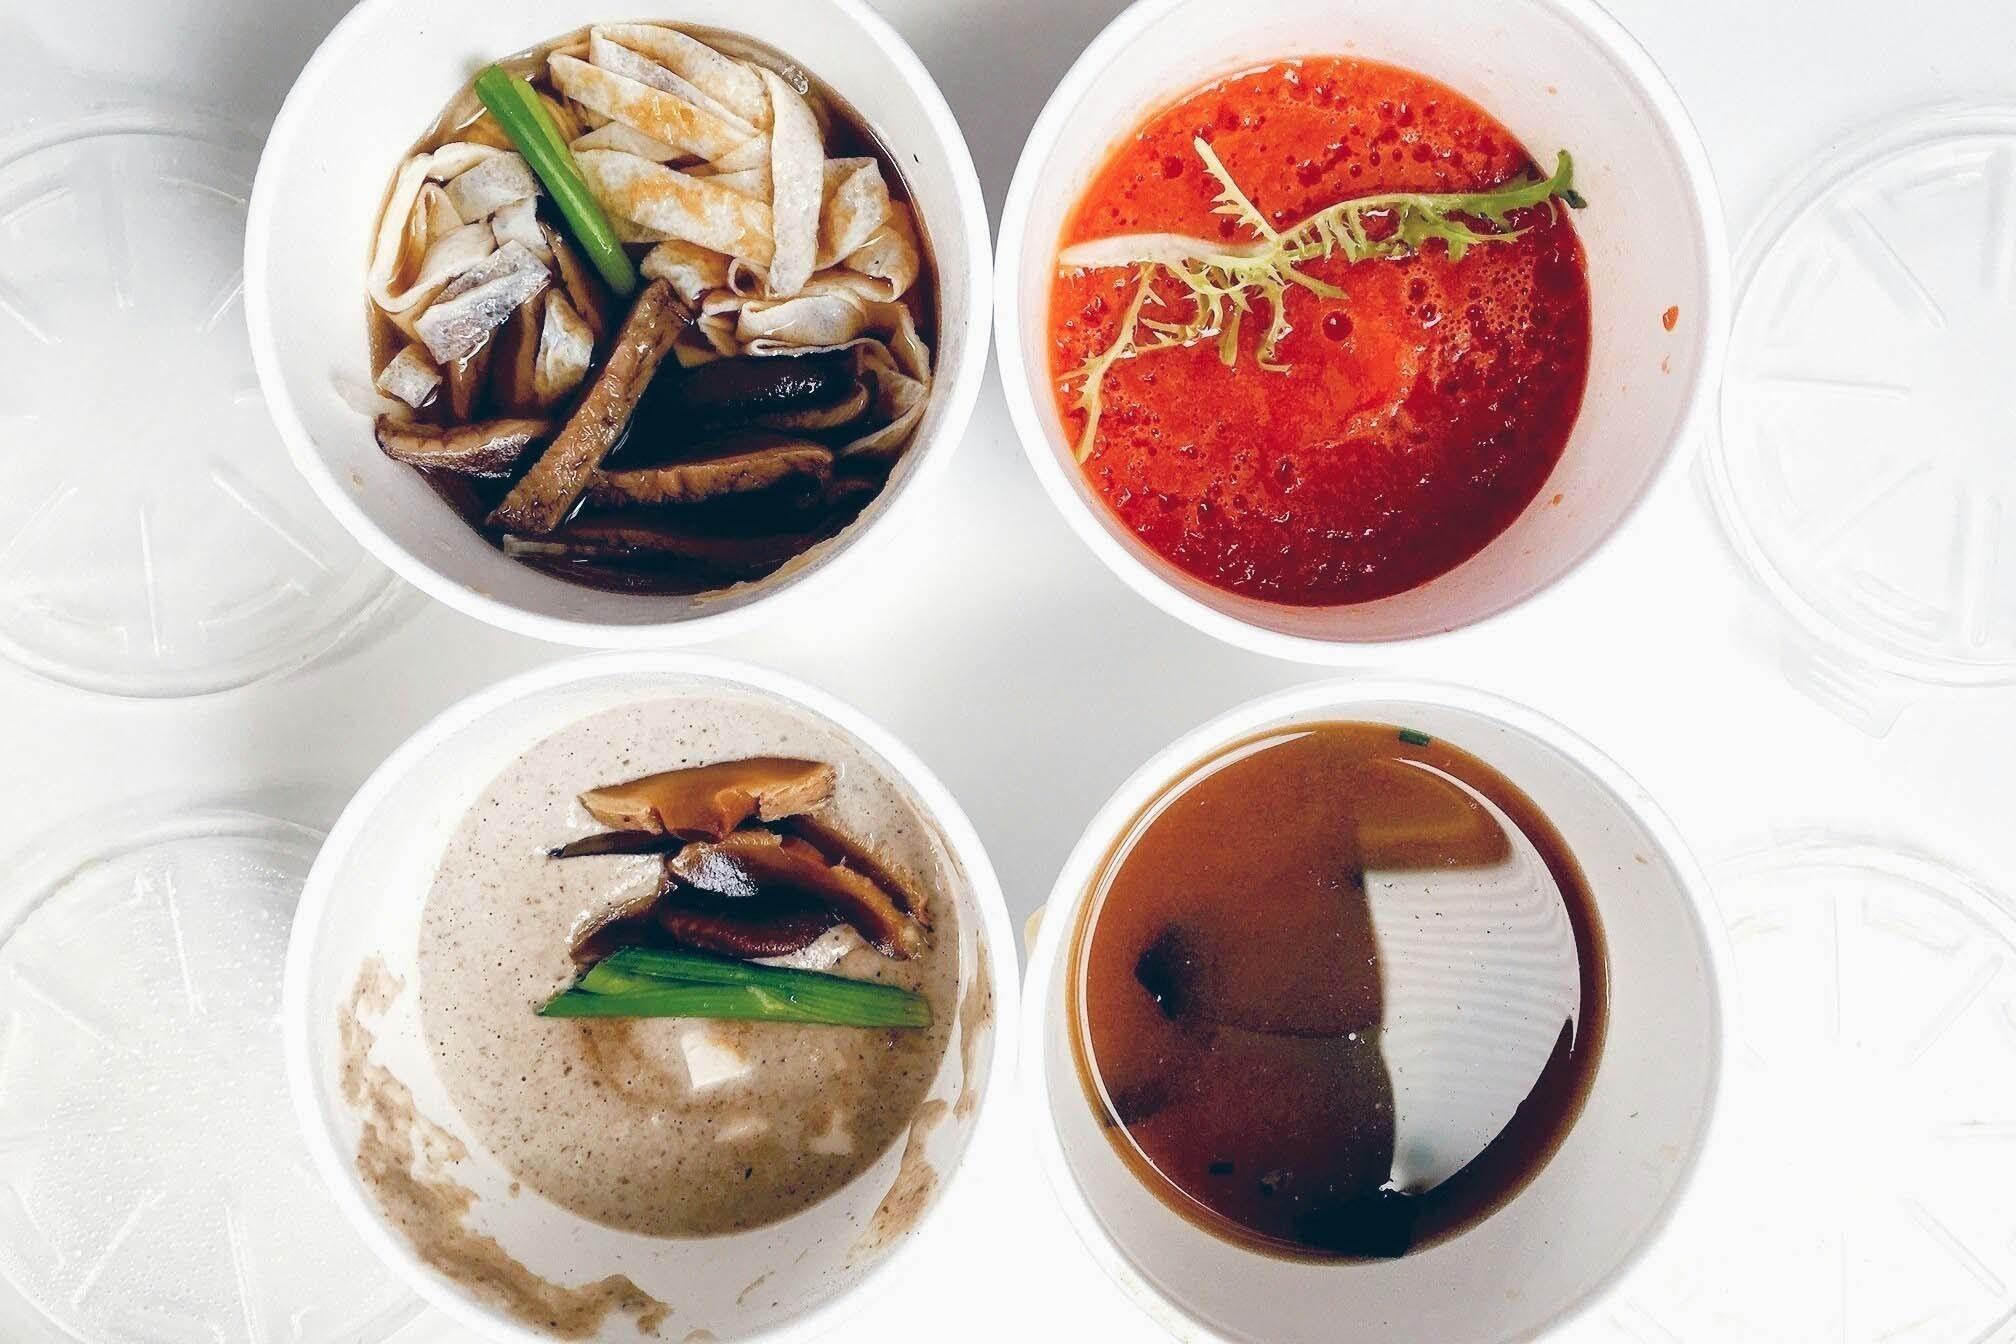 Томатный суп – в правом верхнем углу